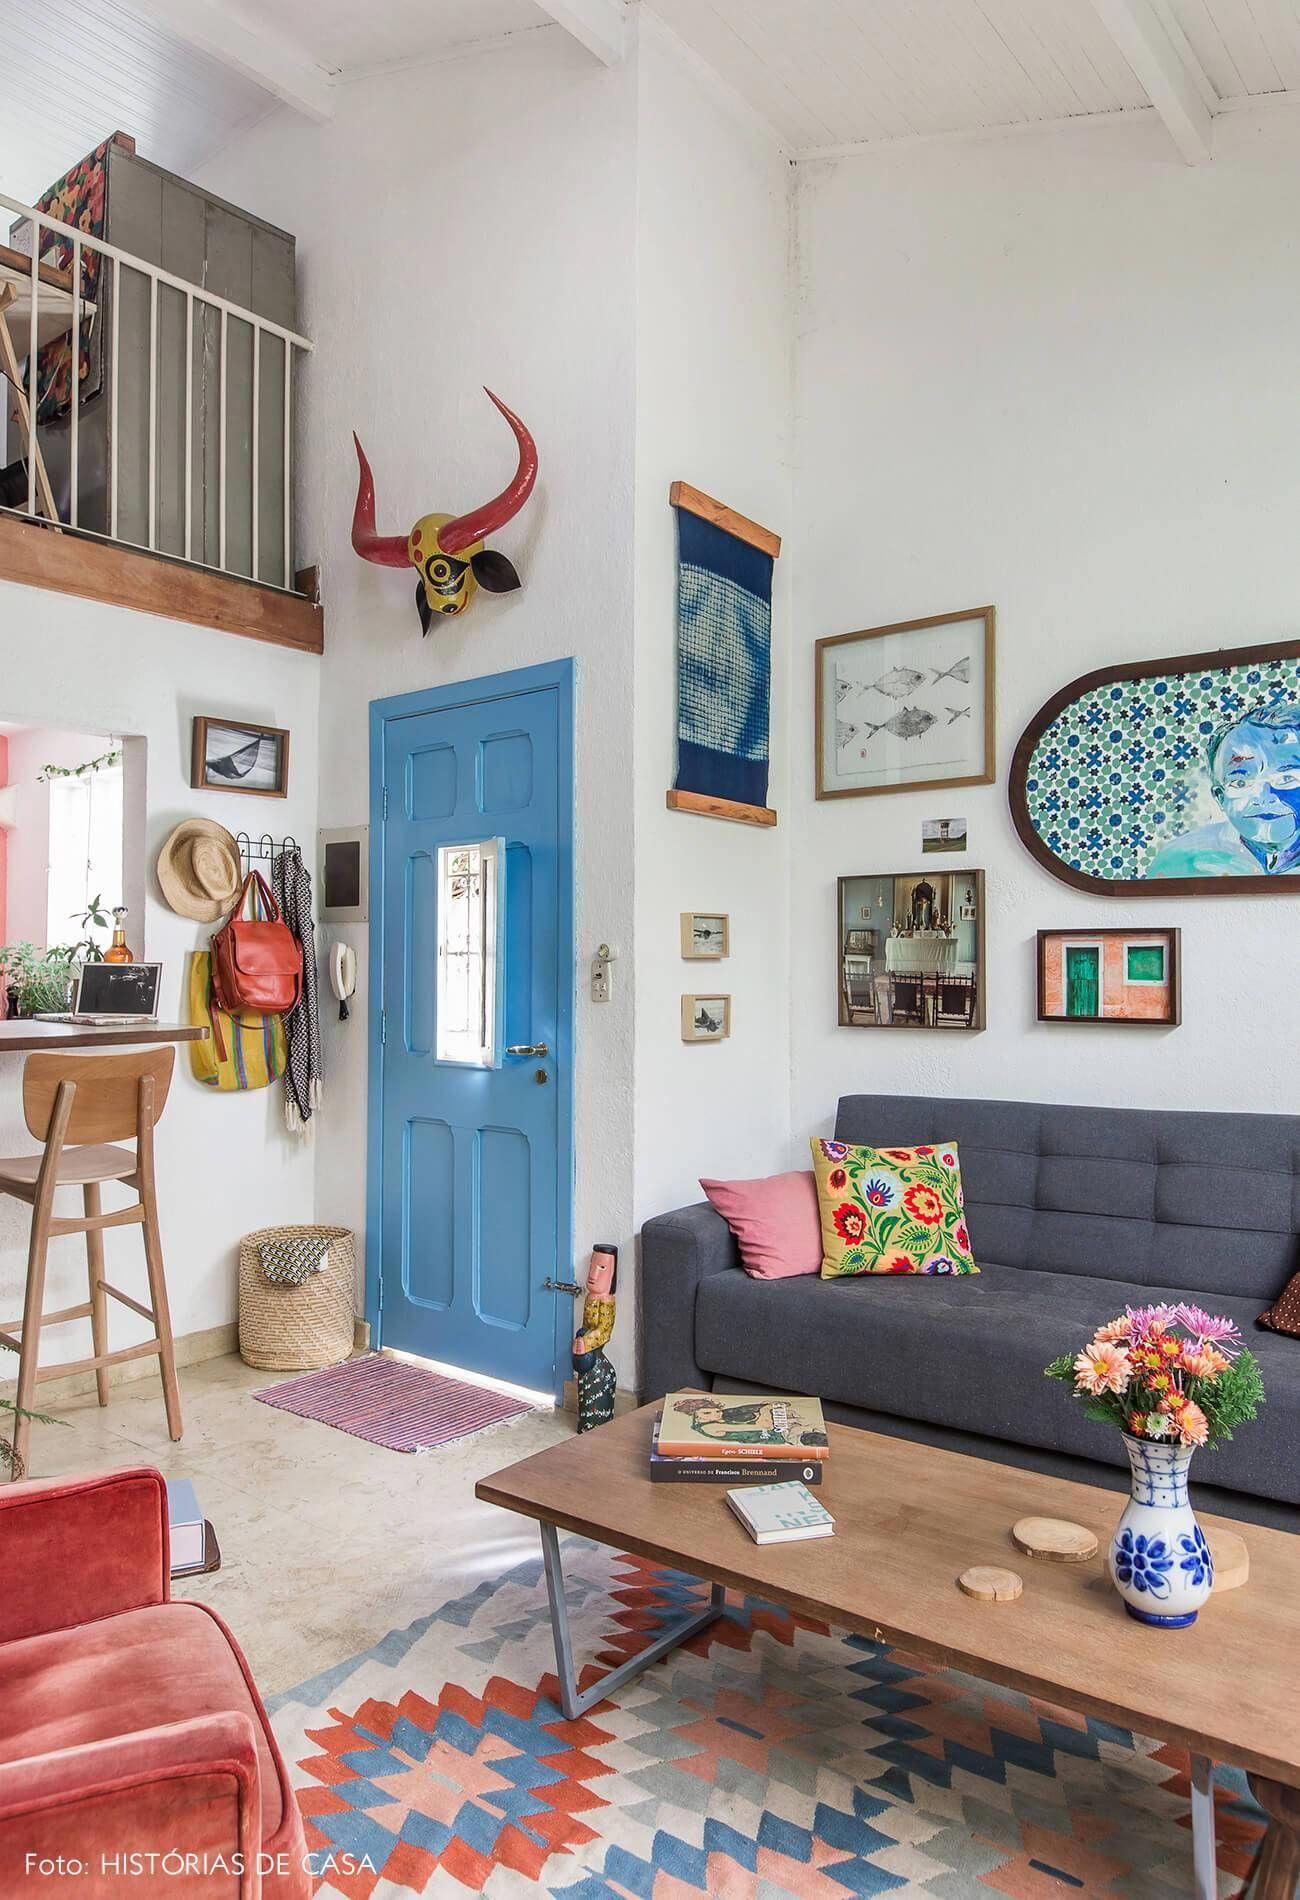 Sala Com Mezanino E Porta Pintada De Azul Colorfulhomedecor